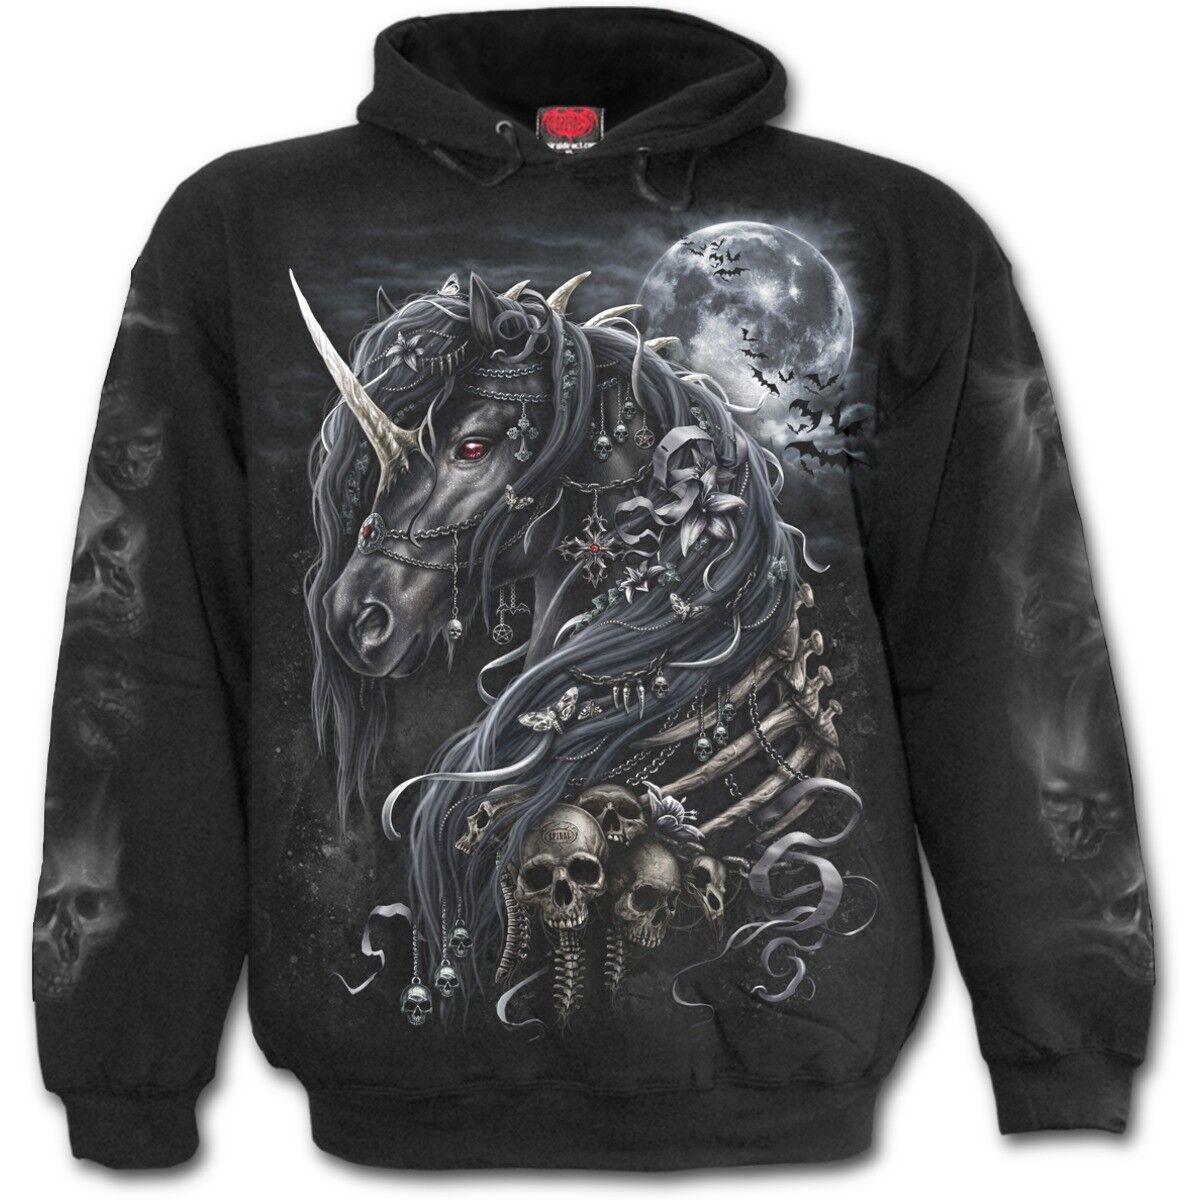 SPIRAL DIRECT DARK UNICORN Hoodie Horse/Skulls/Gothic/Punk/Metal/Pullover